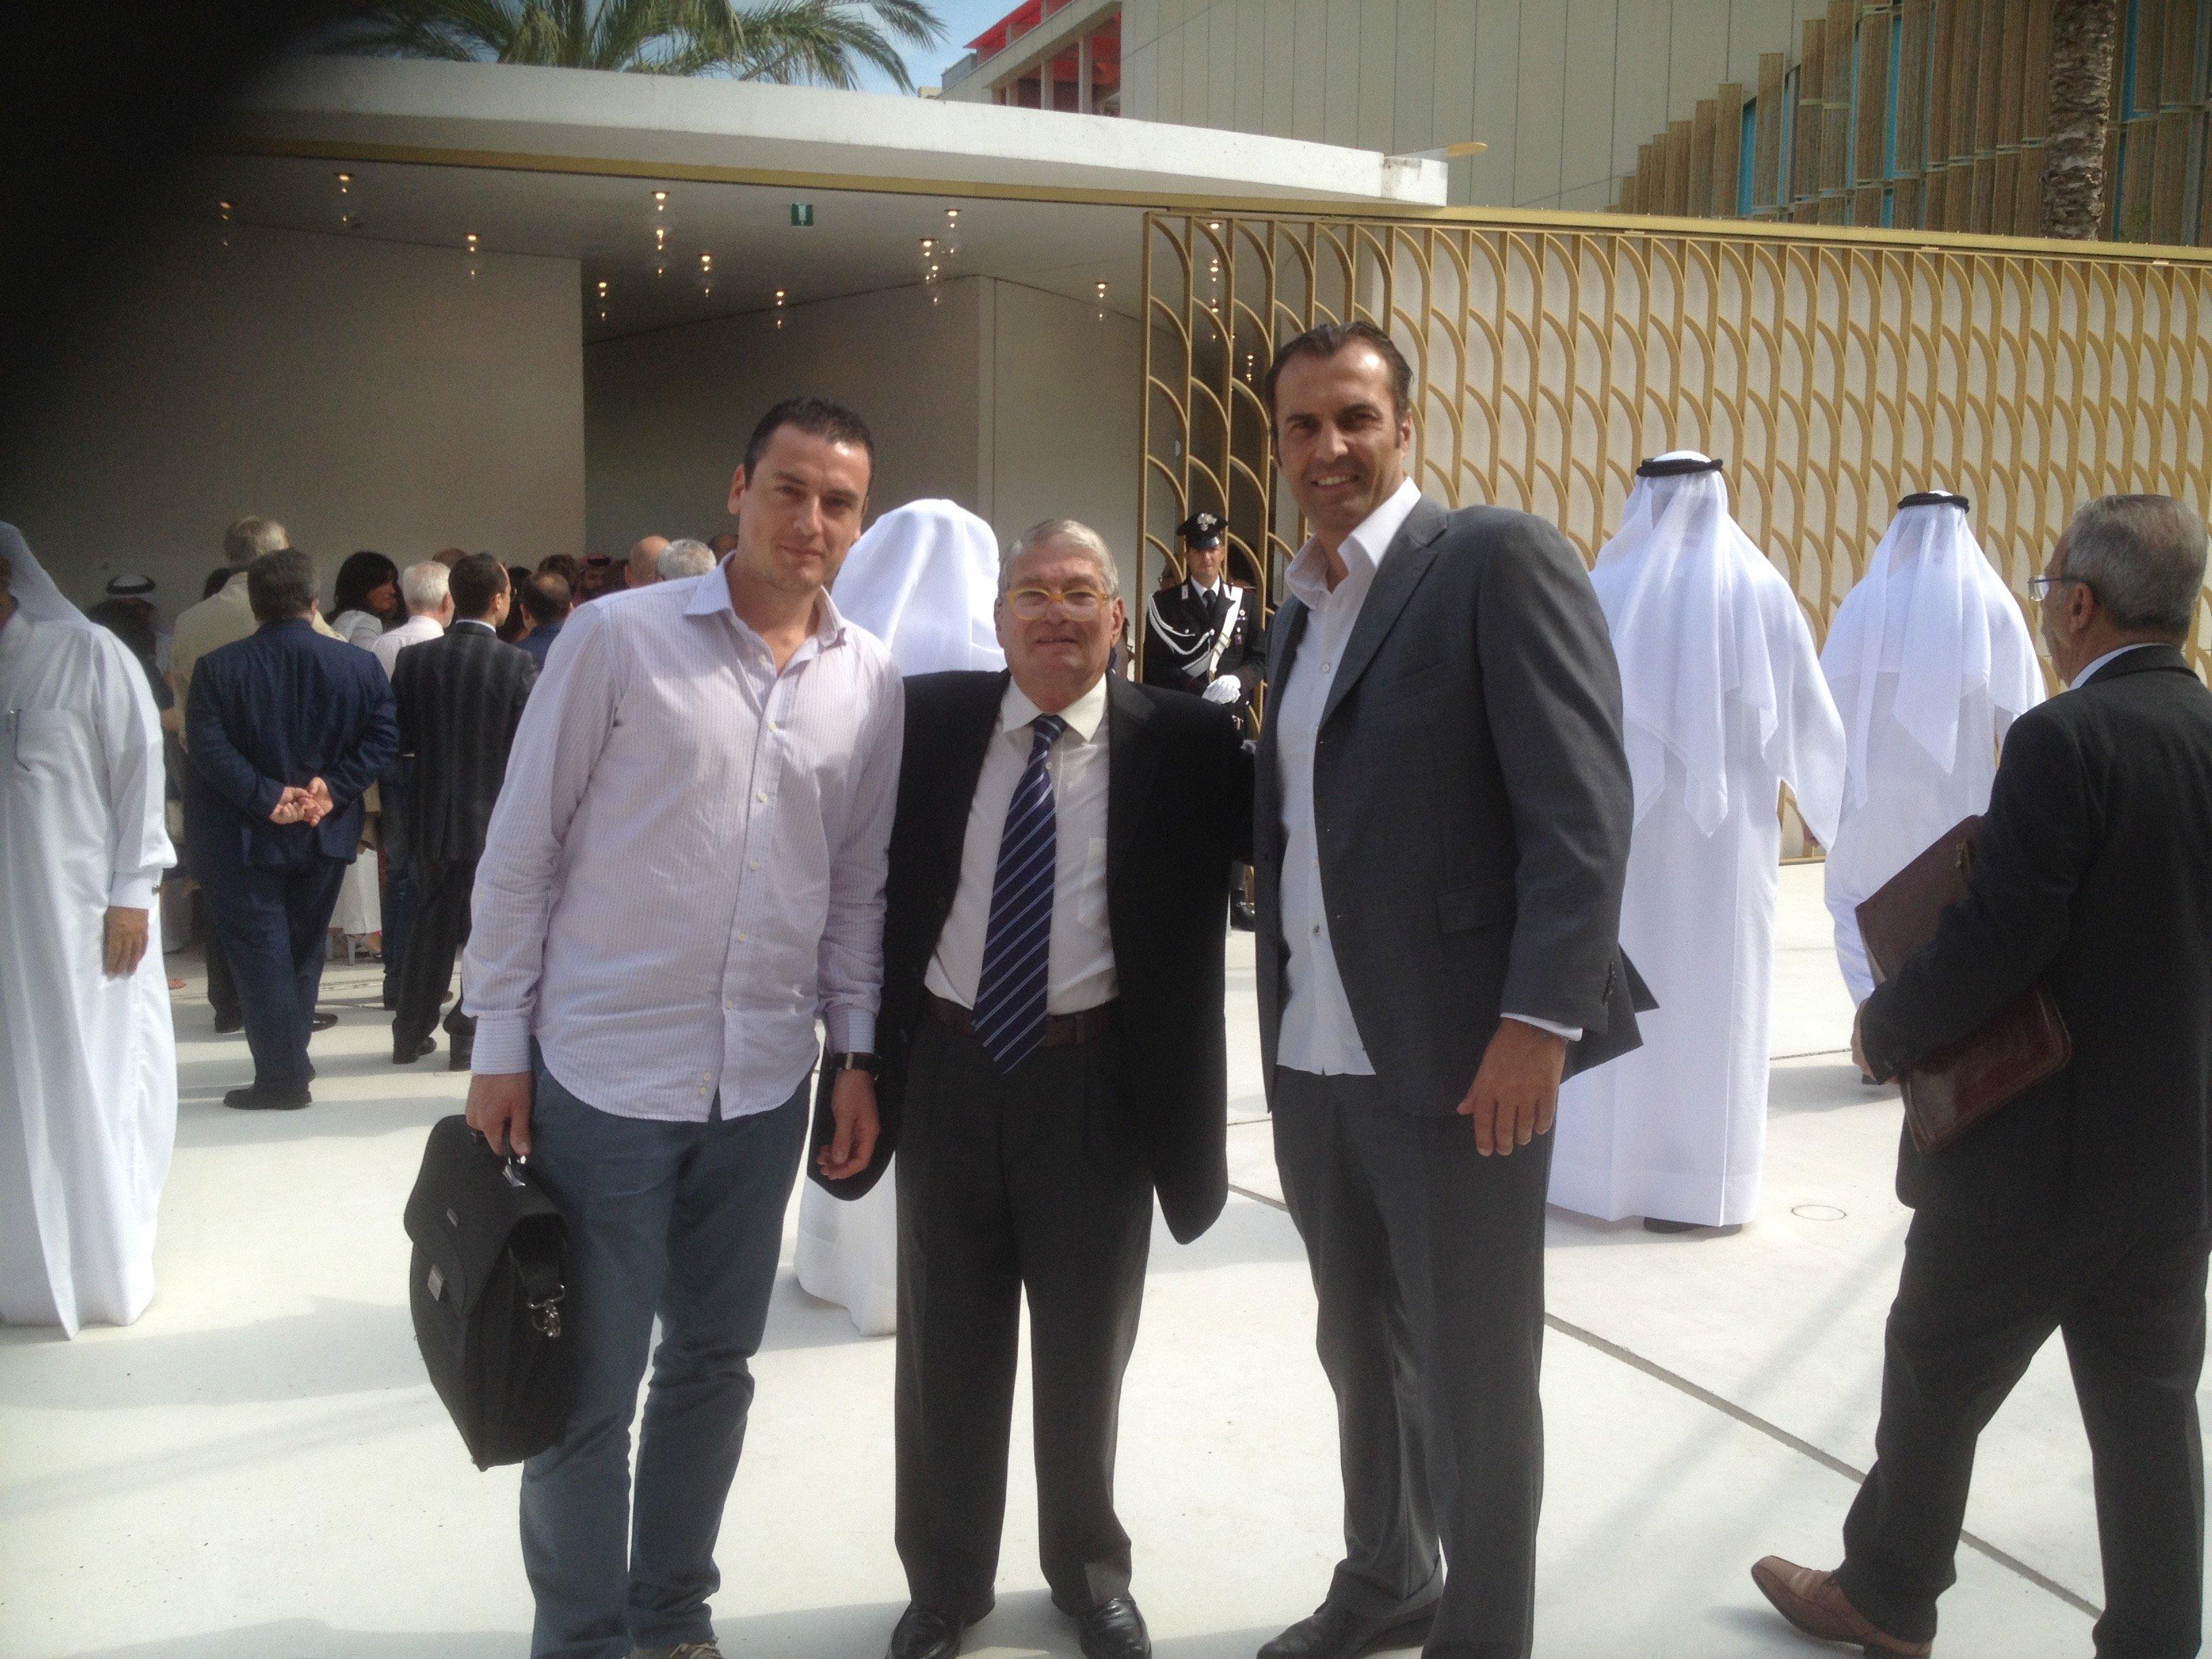 Foto di Nicola Mela con due imprenditori e degli sceicchi in sfondo